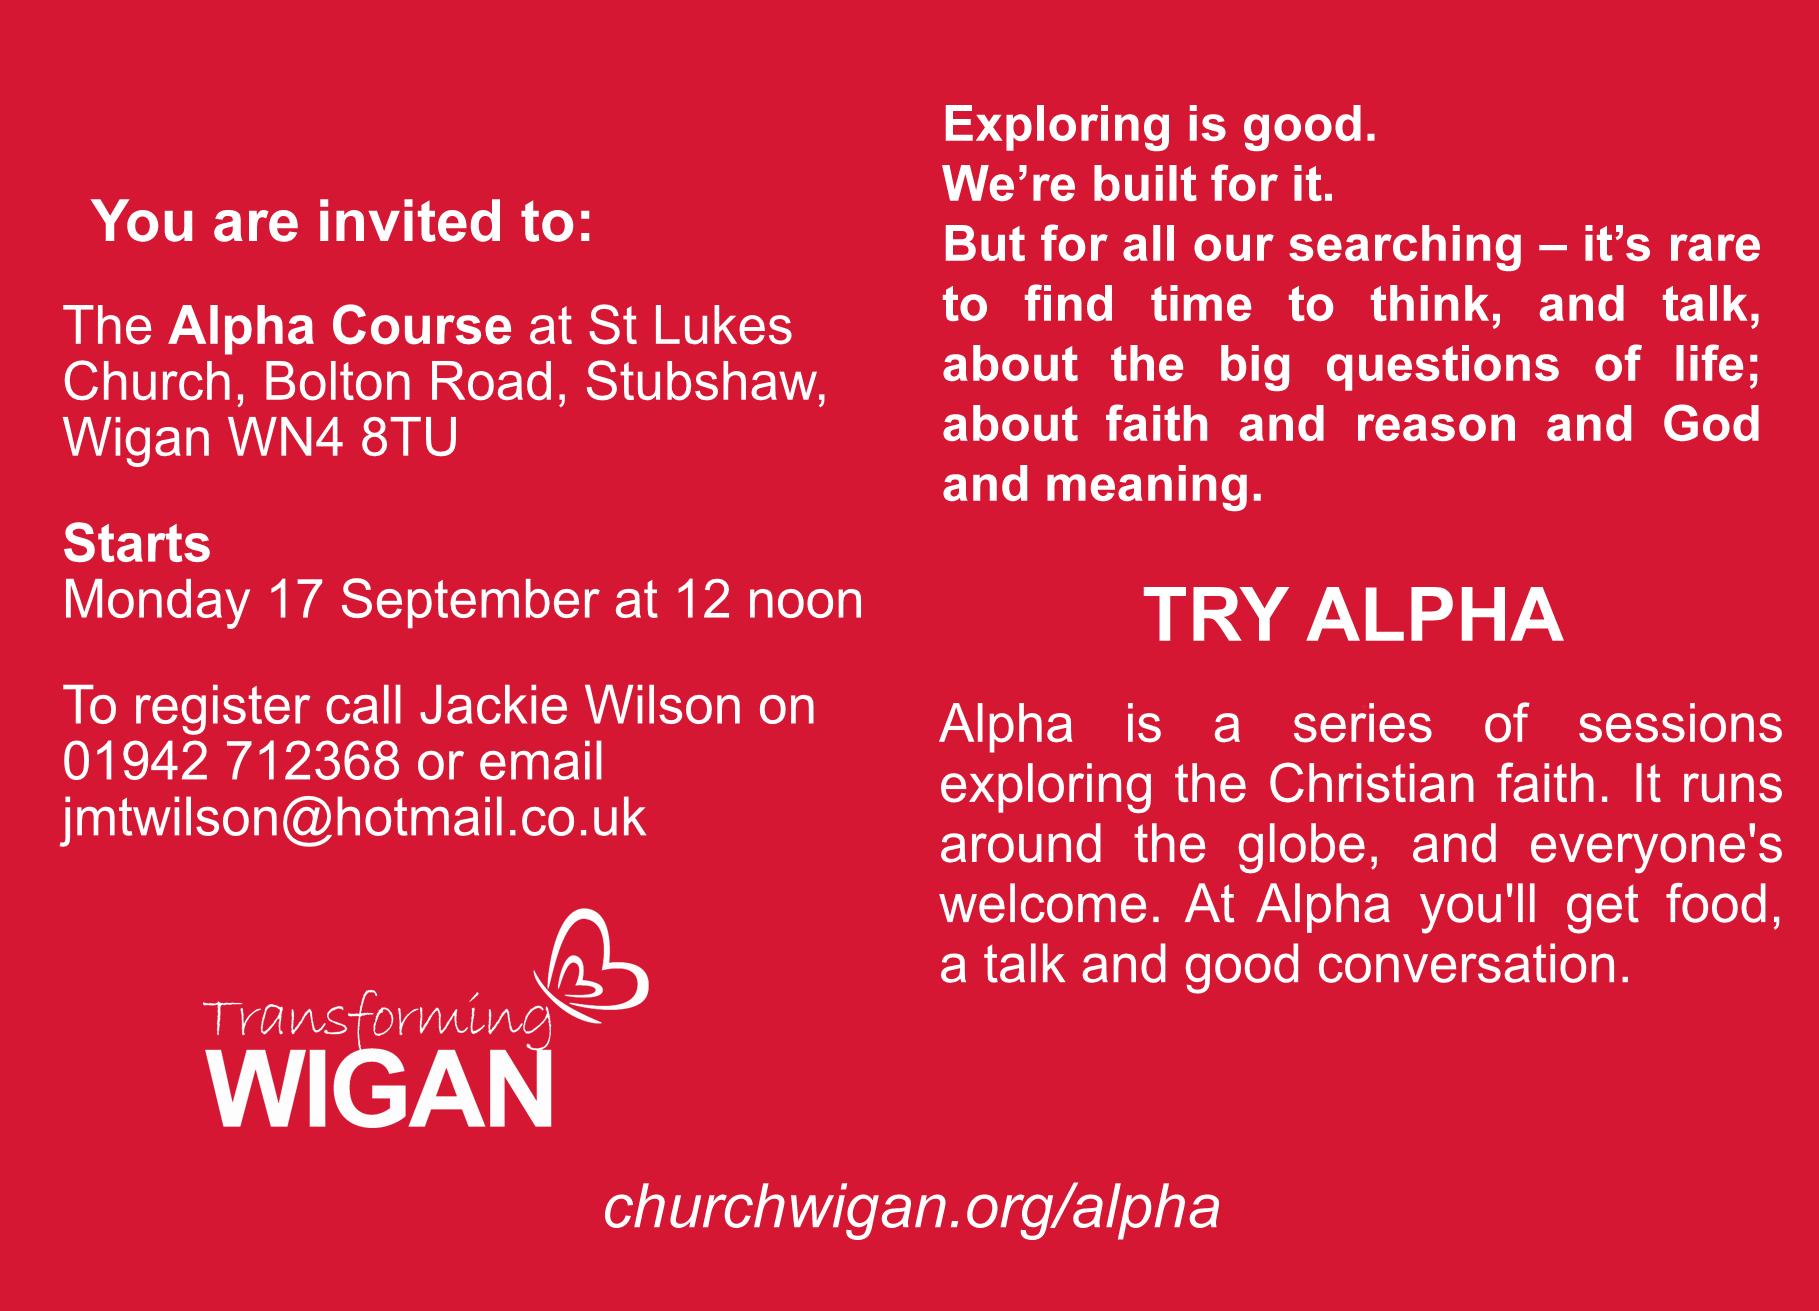 Exploring Our Christian Faith